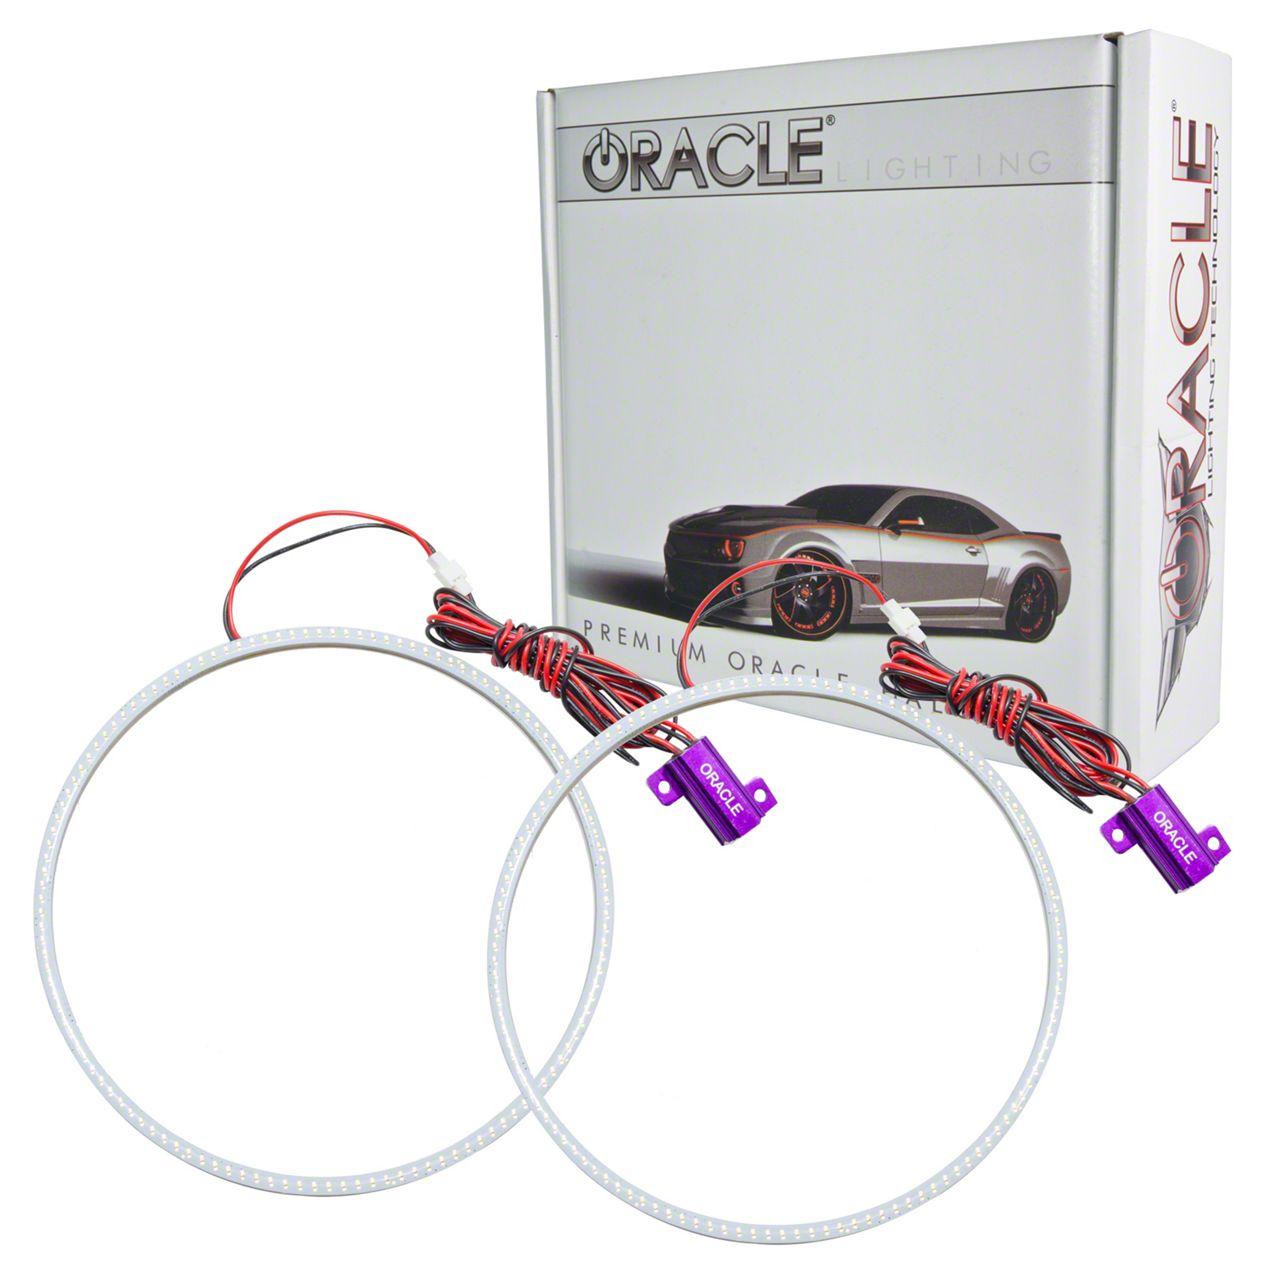 Oracle Plasma Fog Light Halo Conversion Kit (05-09 GT)